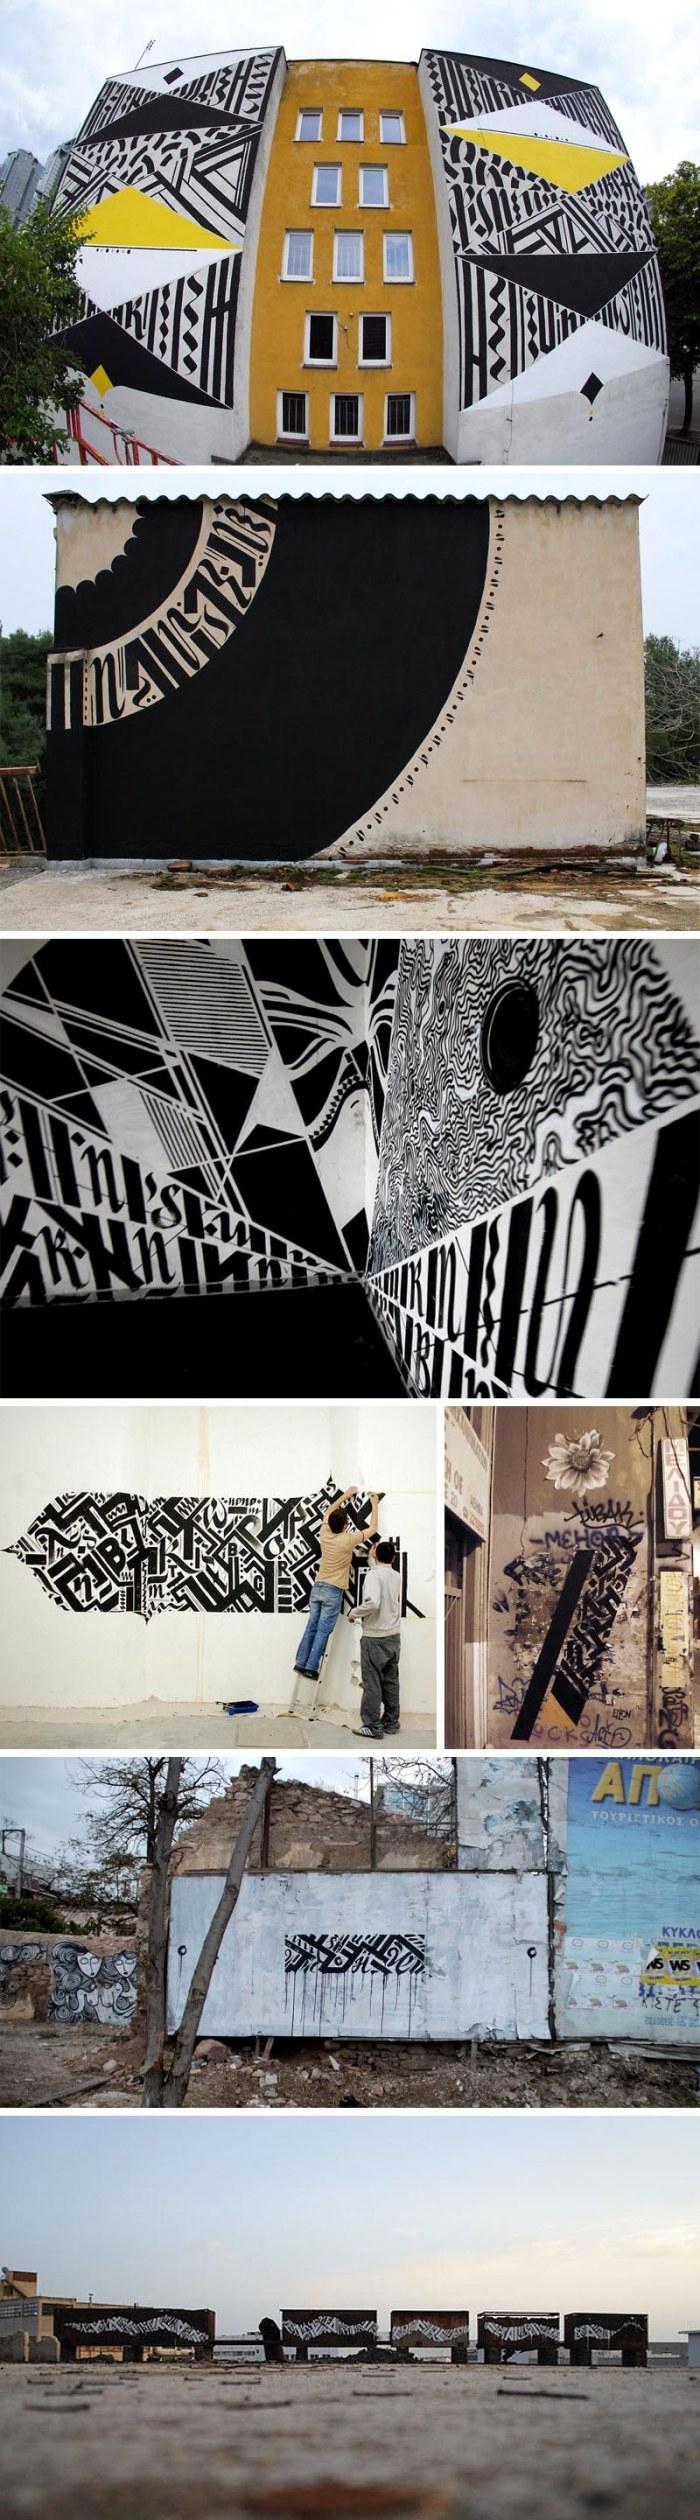 Blaqk Greg Papagrigoriou and Simek Athens street art, typography, calligraphy, black and white